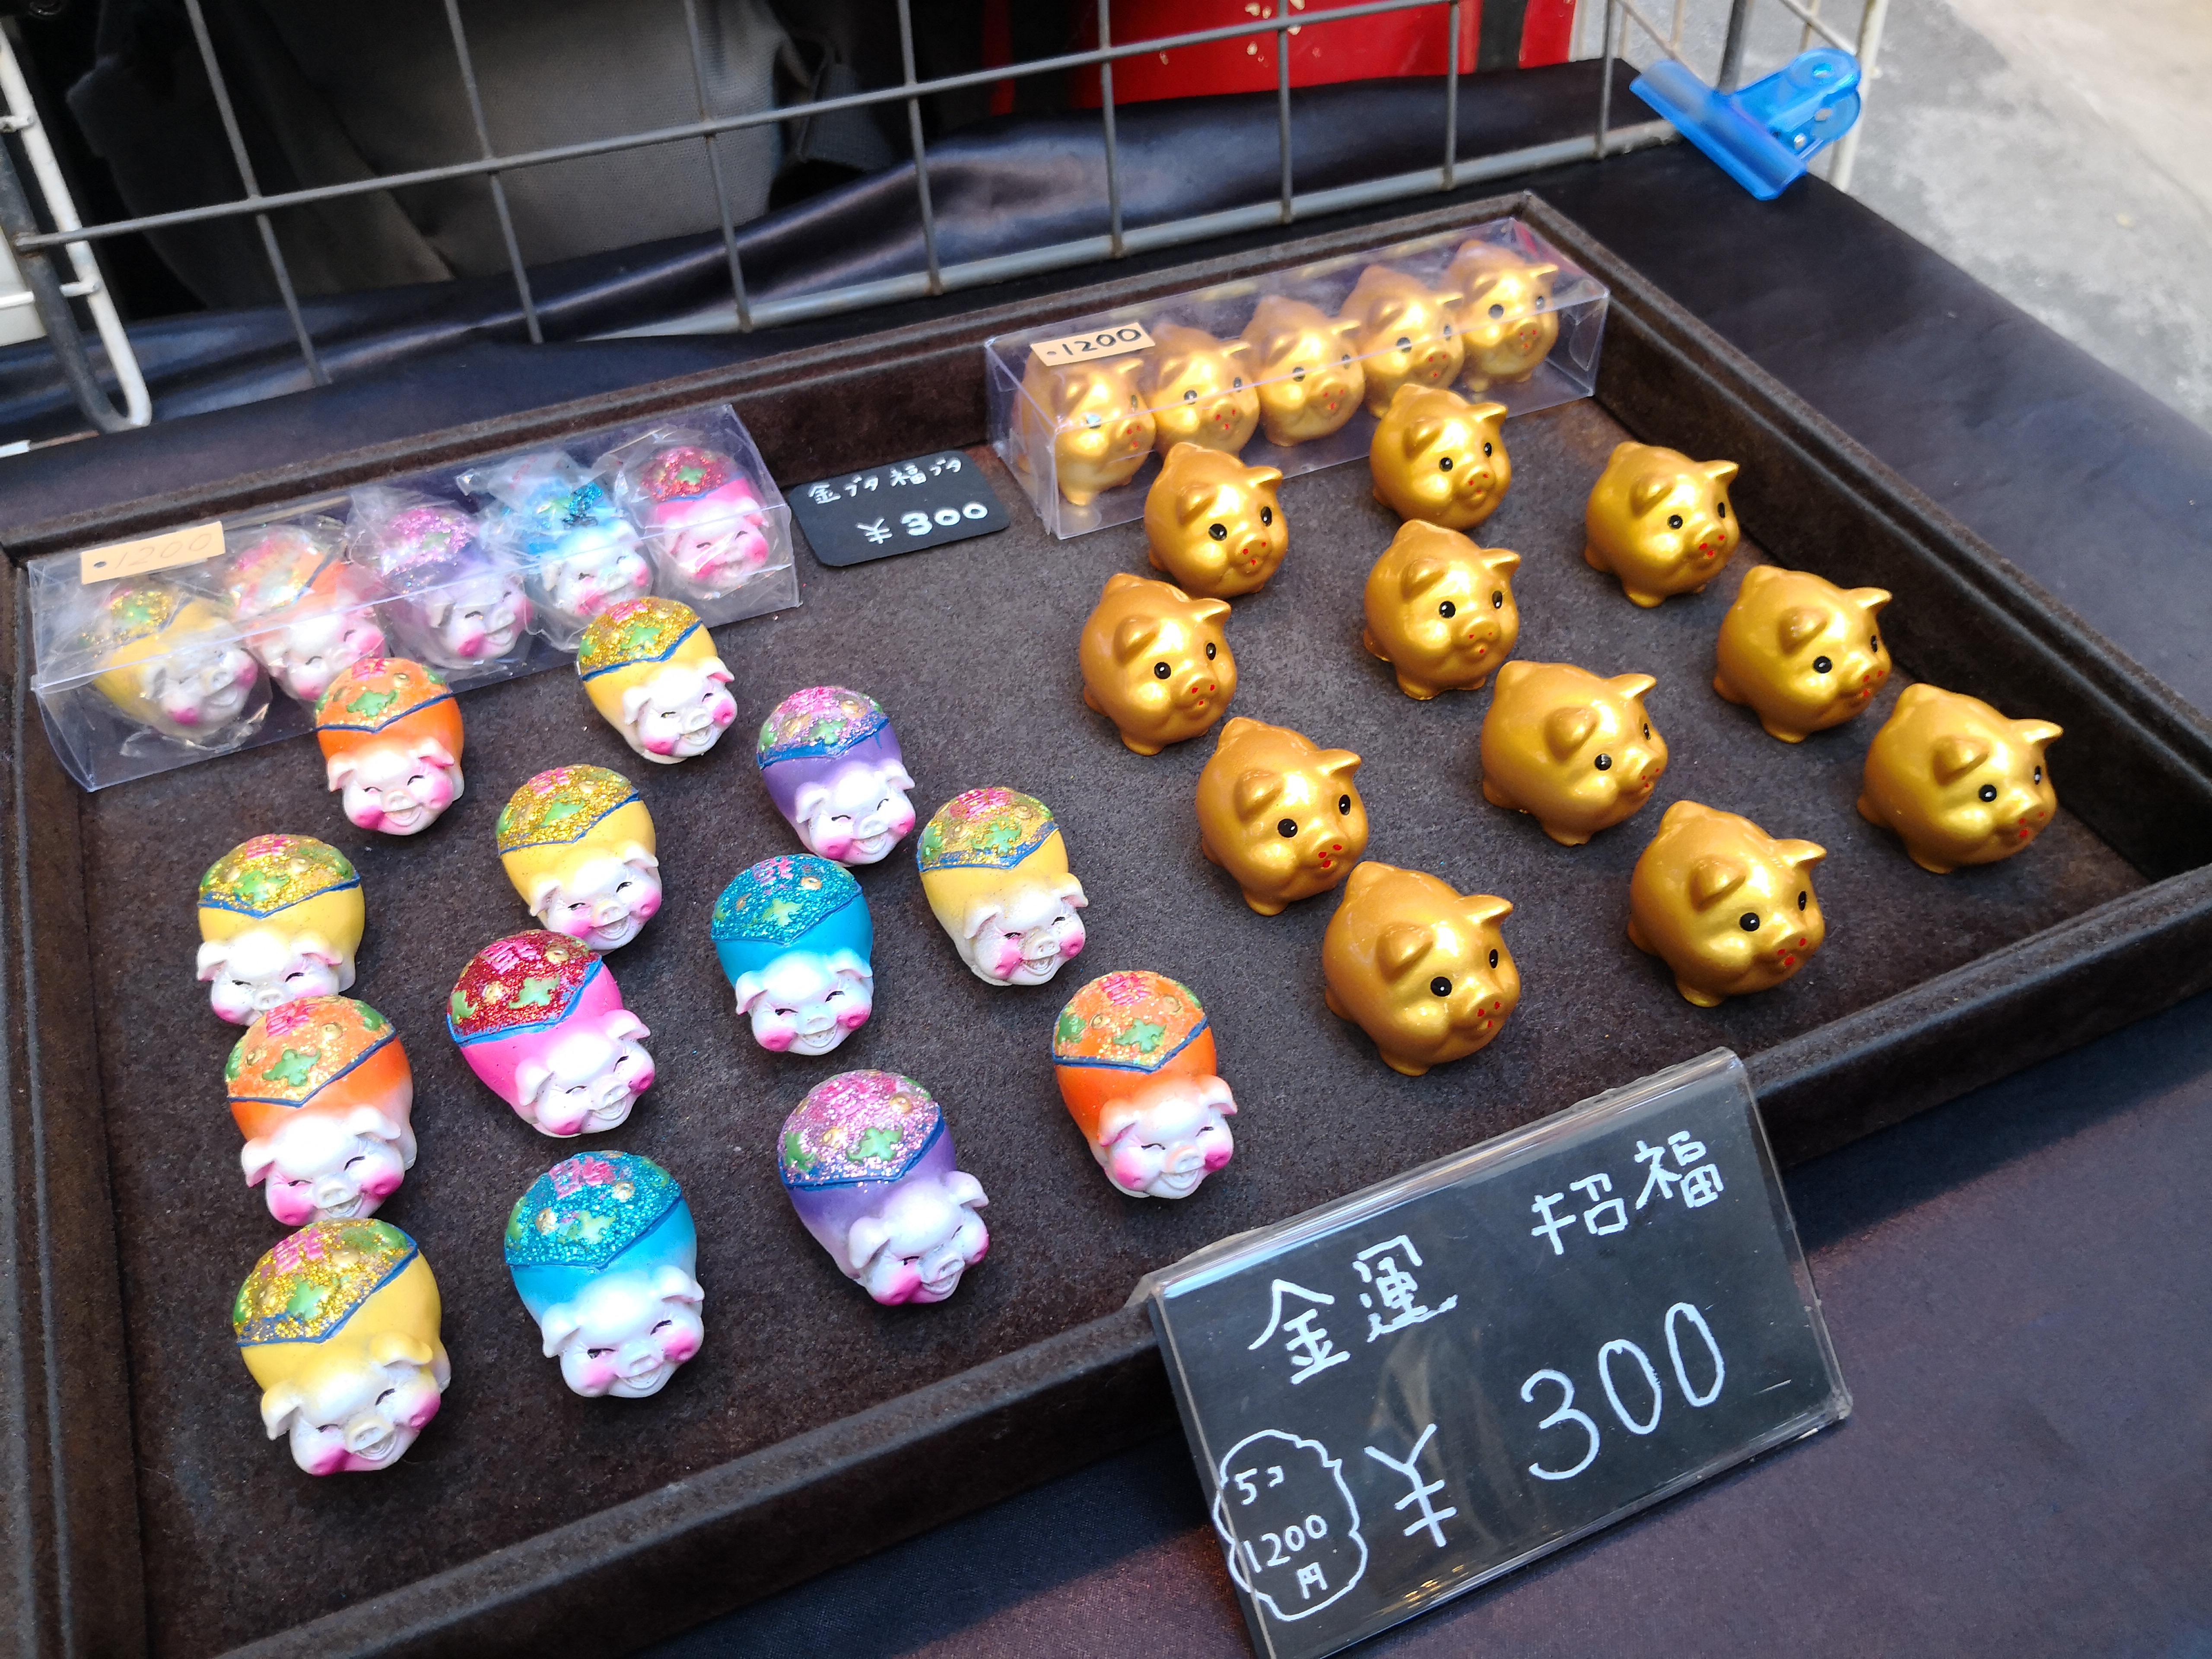 まとめ買いで安くなる豚の置物